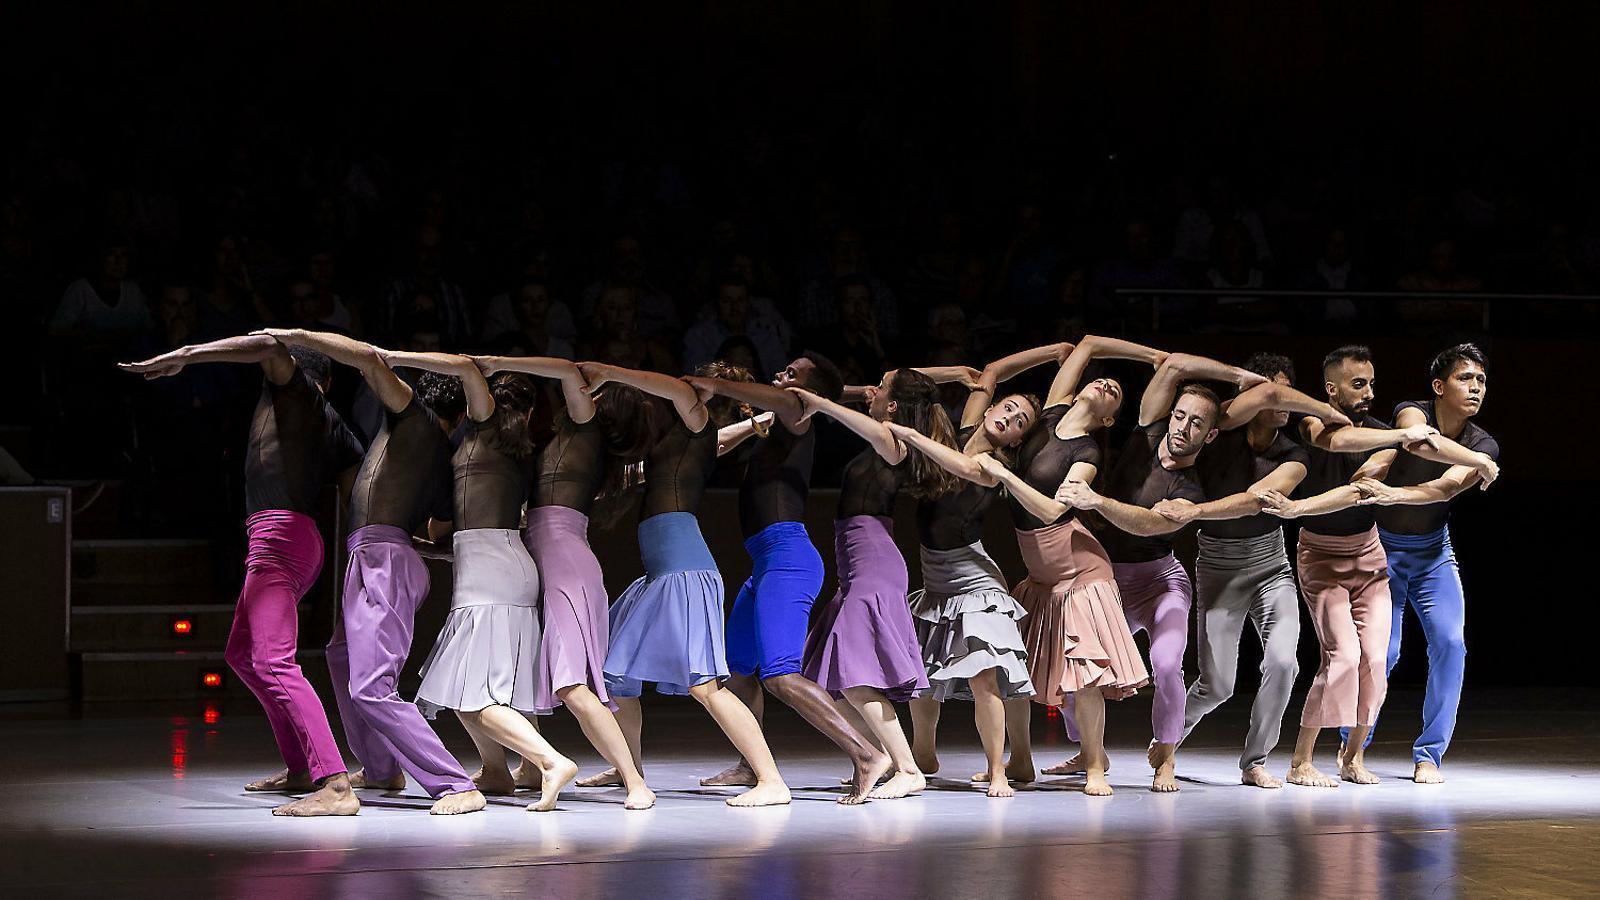 Tretze ballarins interpreten el Rèquiem de Mozart vist per Rovira.